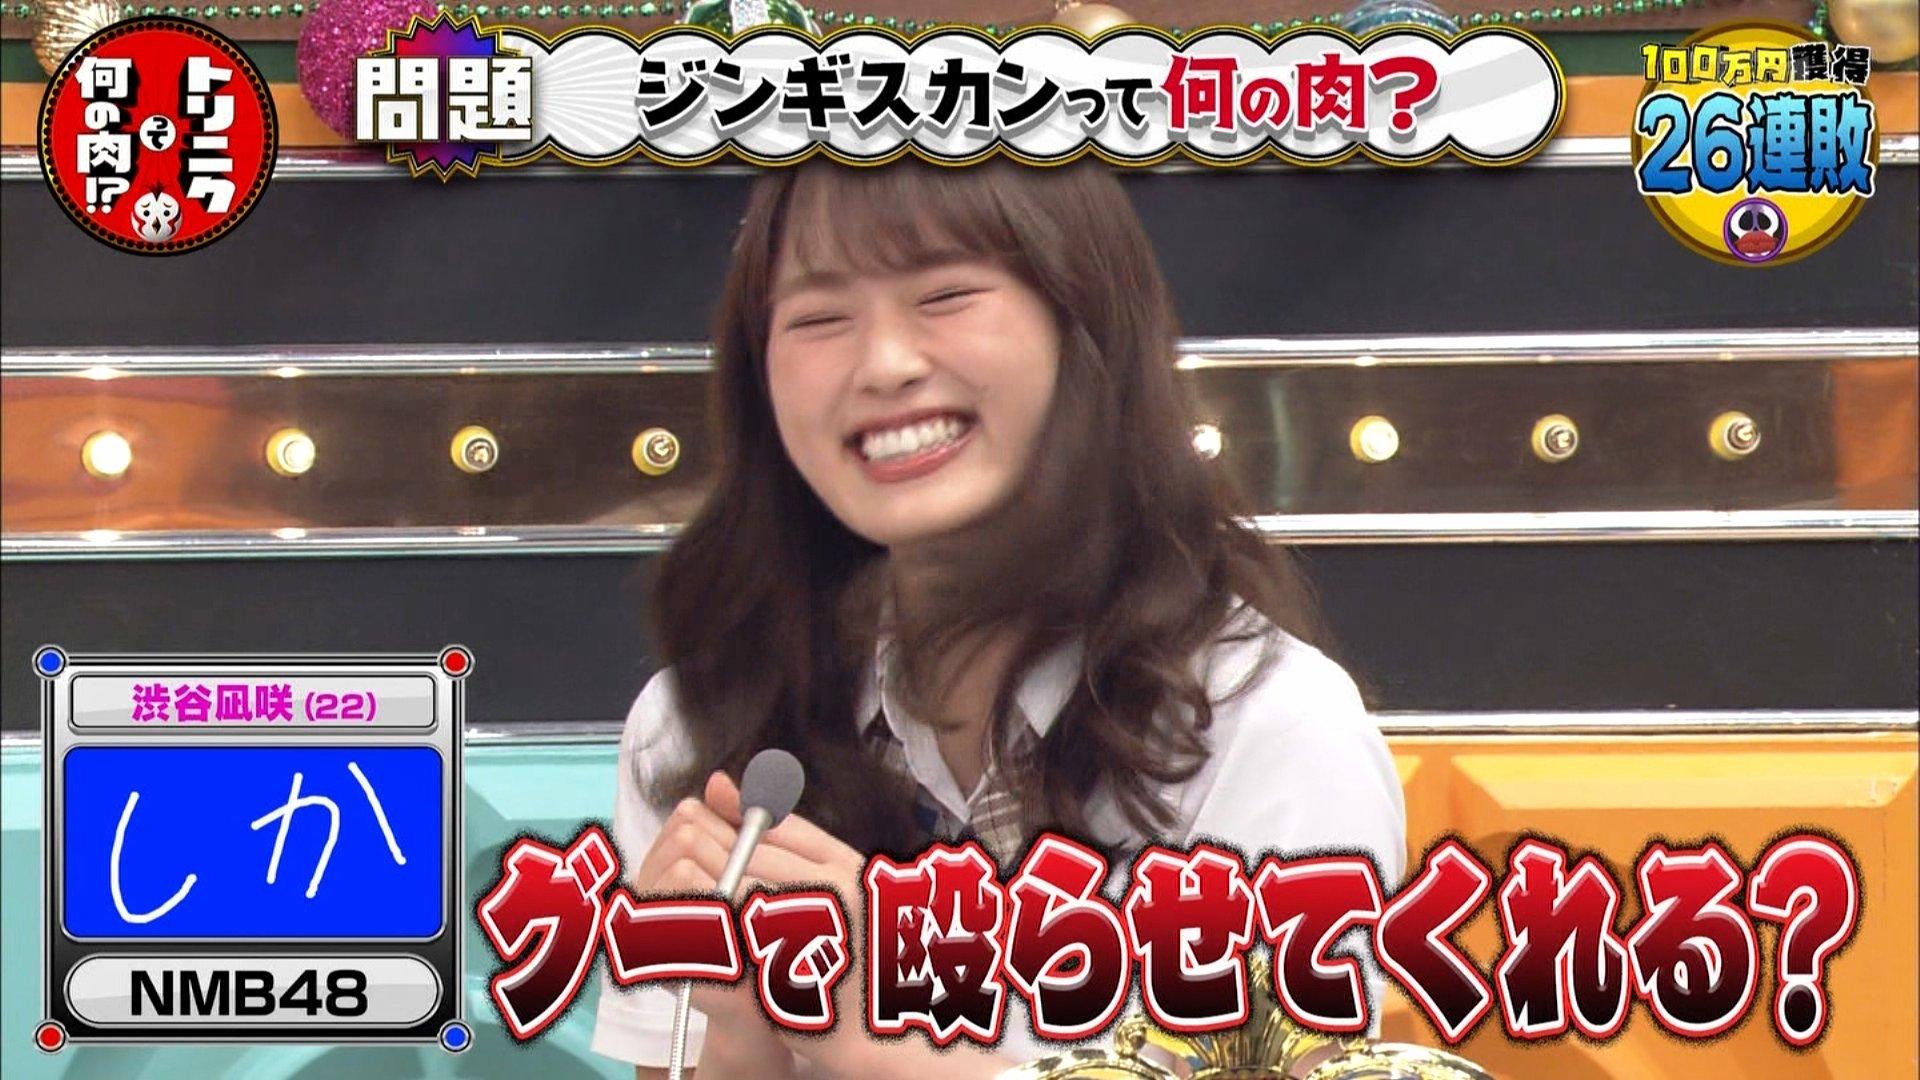 【渋谷凪咲/市川美織/山田菜々】なぎさ、みおりん、ななたん出演・8/13「トリニクって何の肉!?」の画像。